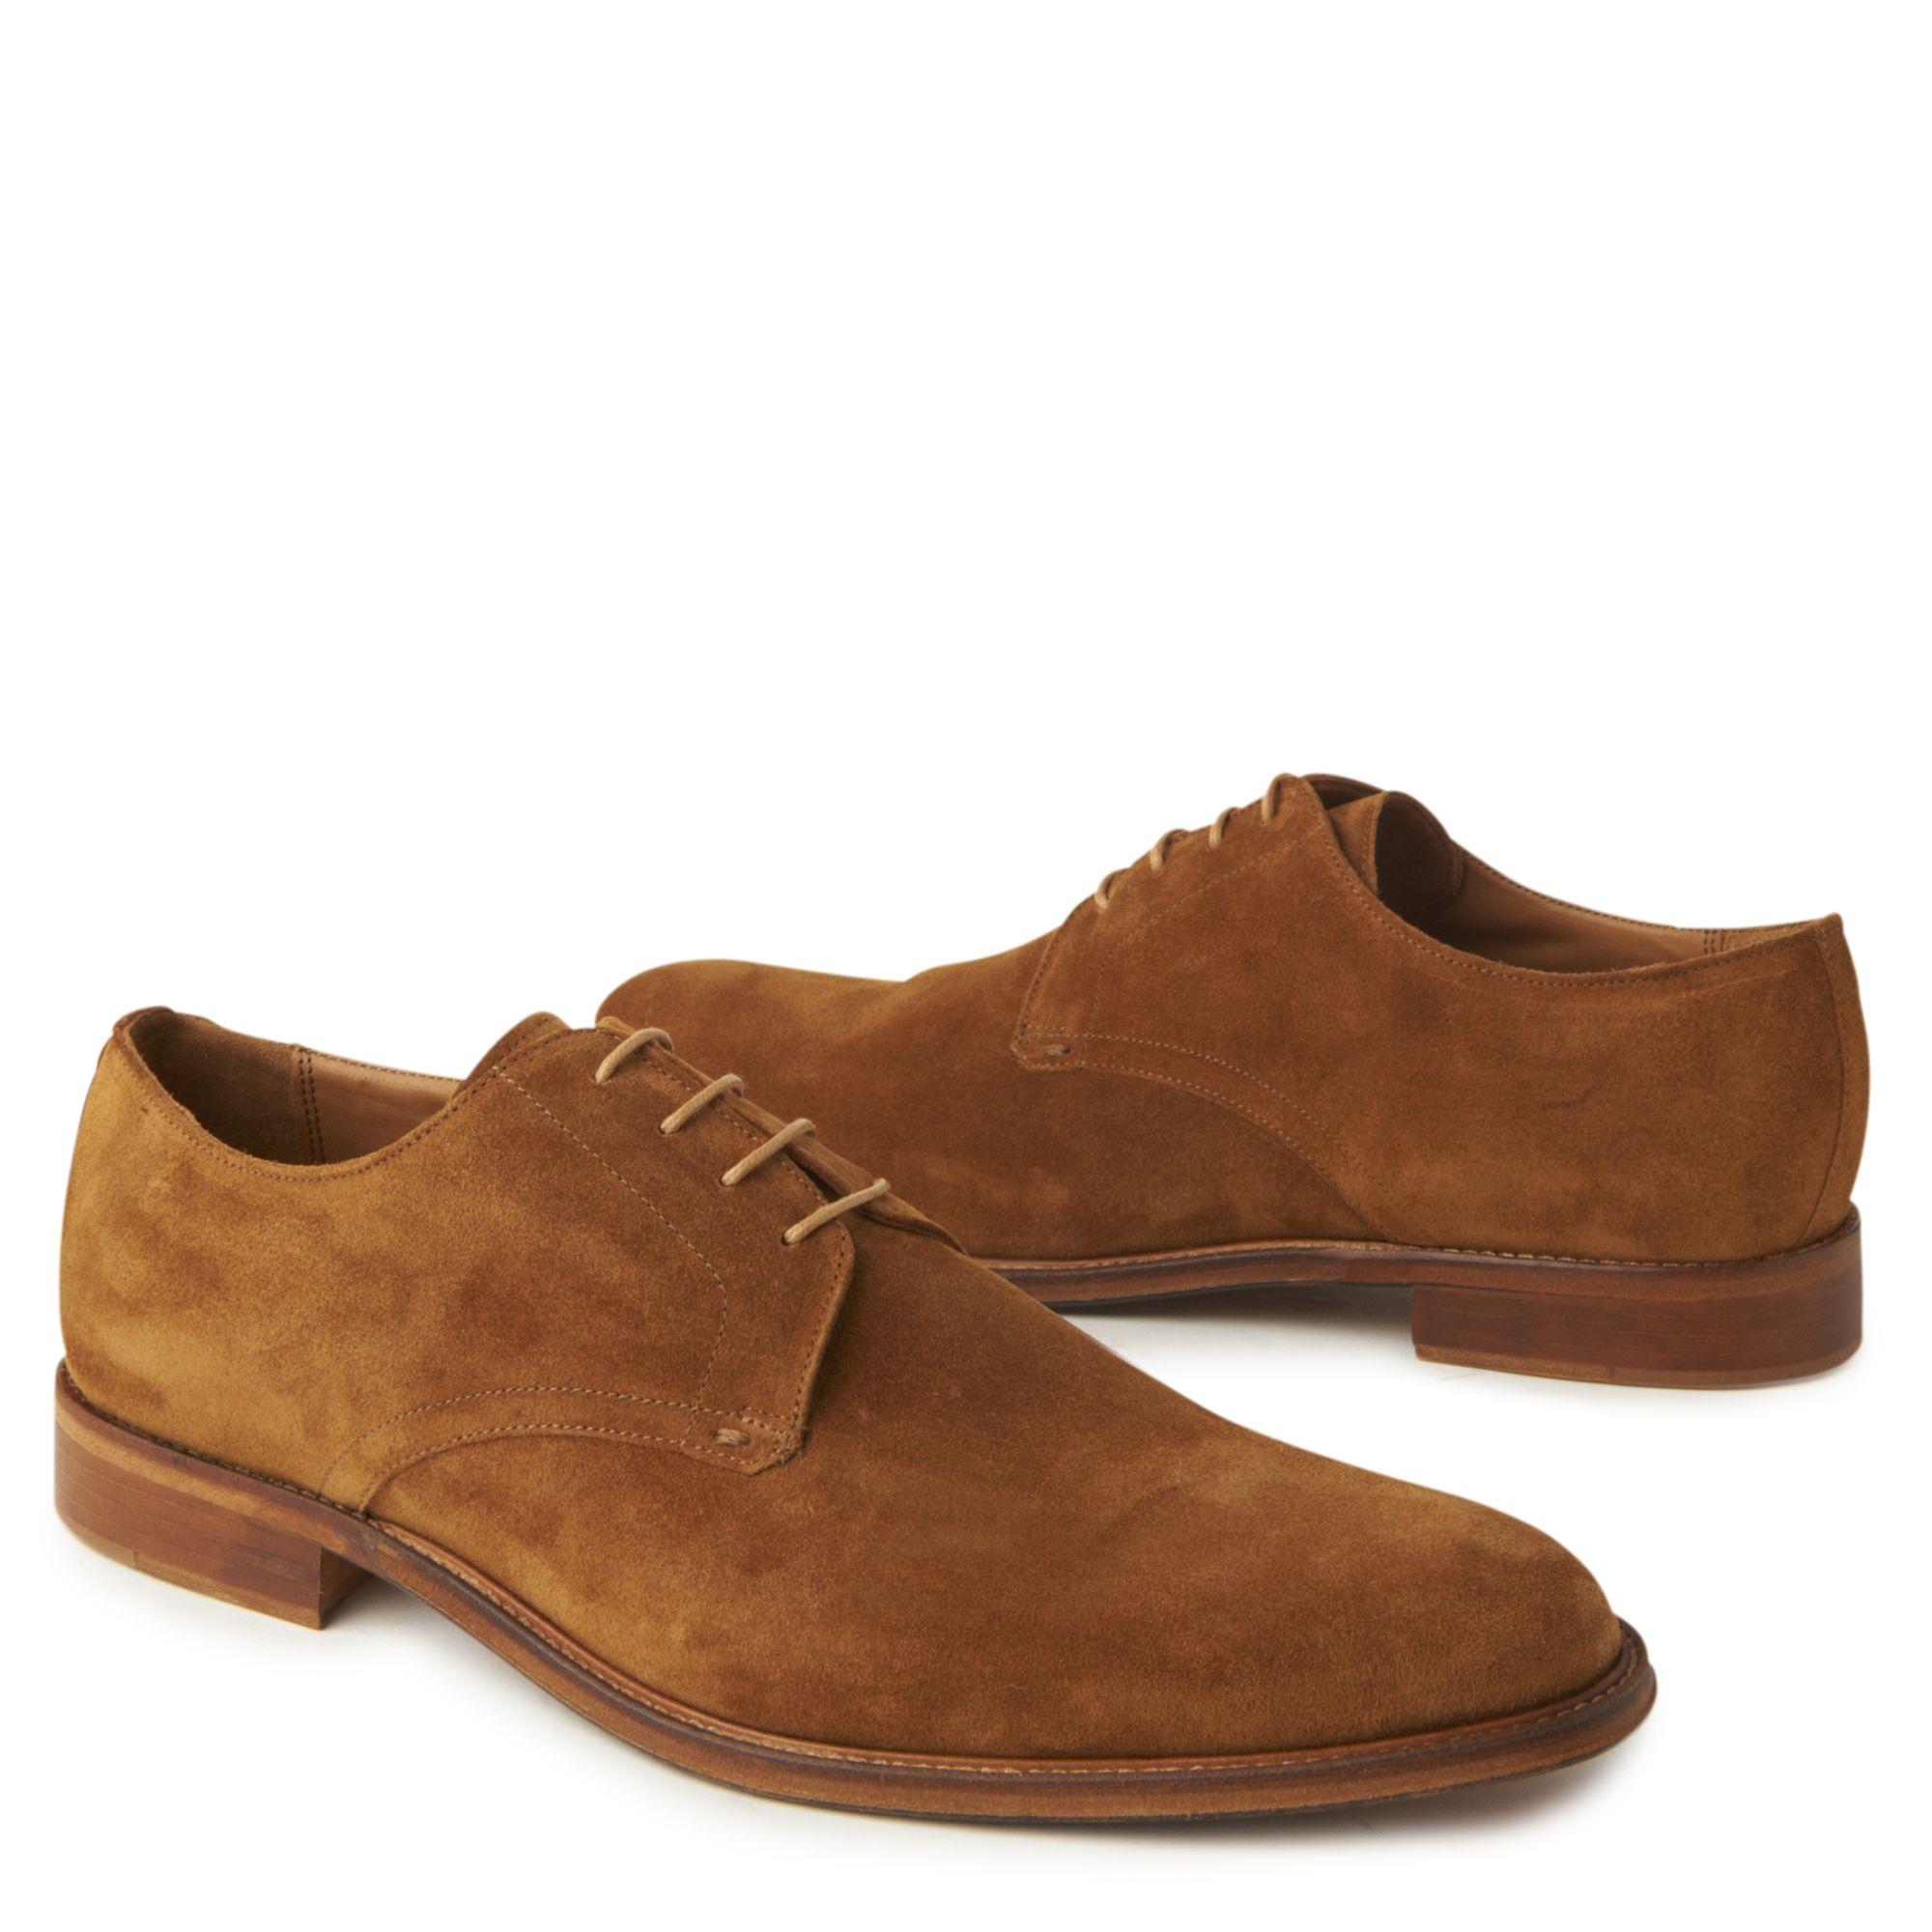 kurt geiger footwear 2 Carvela $18000 alice 2 purple high heel court shoes from carvela new in   carvela $6500 $90 sabrina 2 black espadrille wedge sandals from carvela.